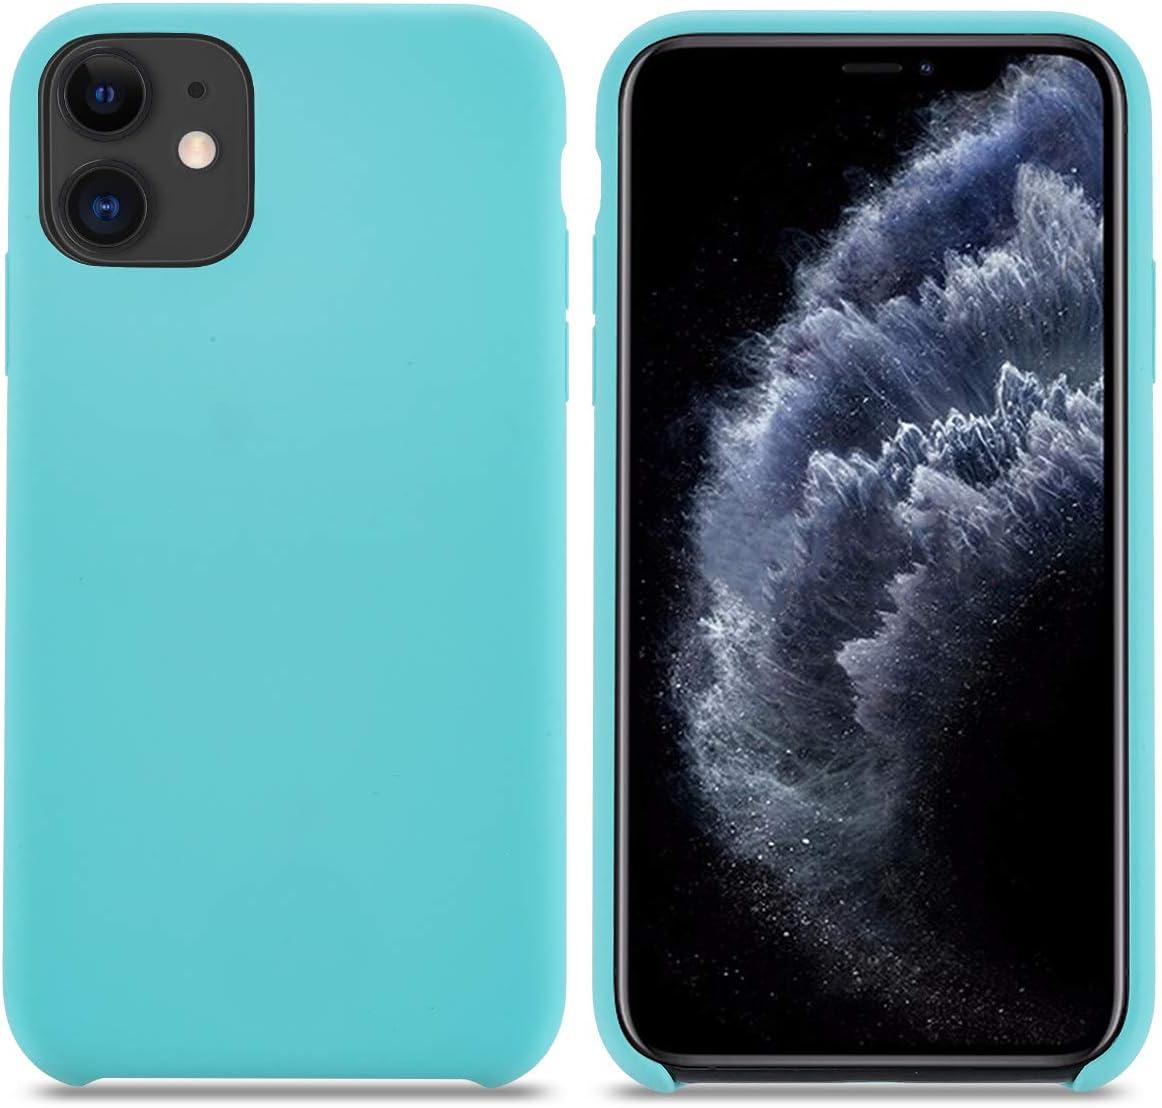 Coque iPhone 11Silicone Liquide avec Doux MicrofibreHousse Etui de Protection Anti Choc Gel Case pour iPhone 11 Orange